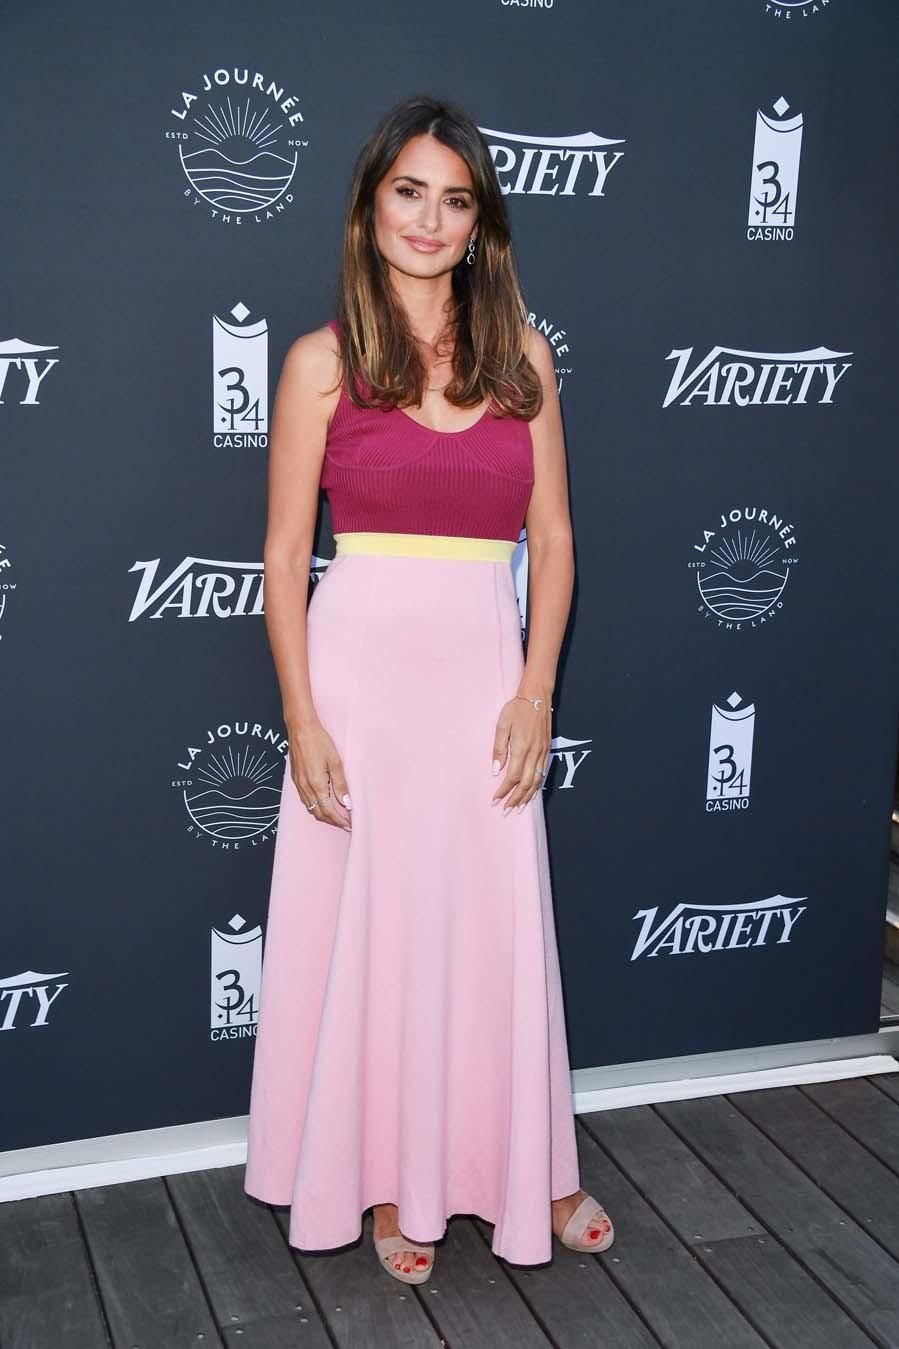 La actriz apostó para su estreno en esta edición de Cannes por un vestido color block de la diseñadora Gabriela Hearts, sandalias rosa palo de Jimmy Choo.